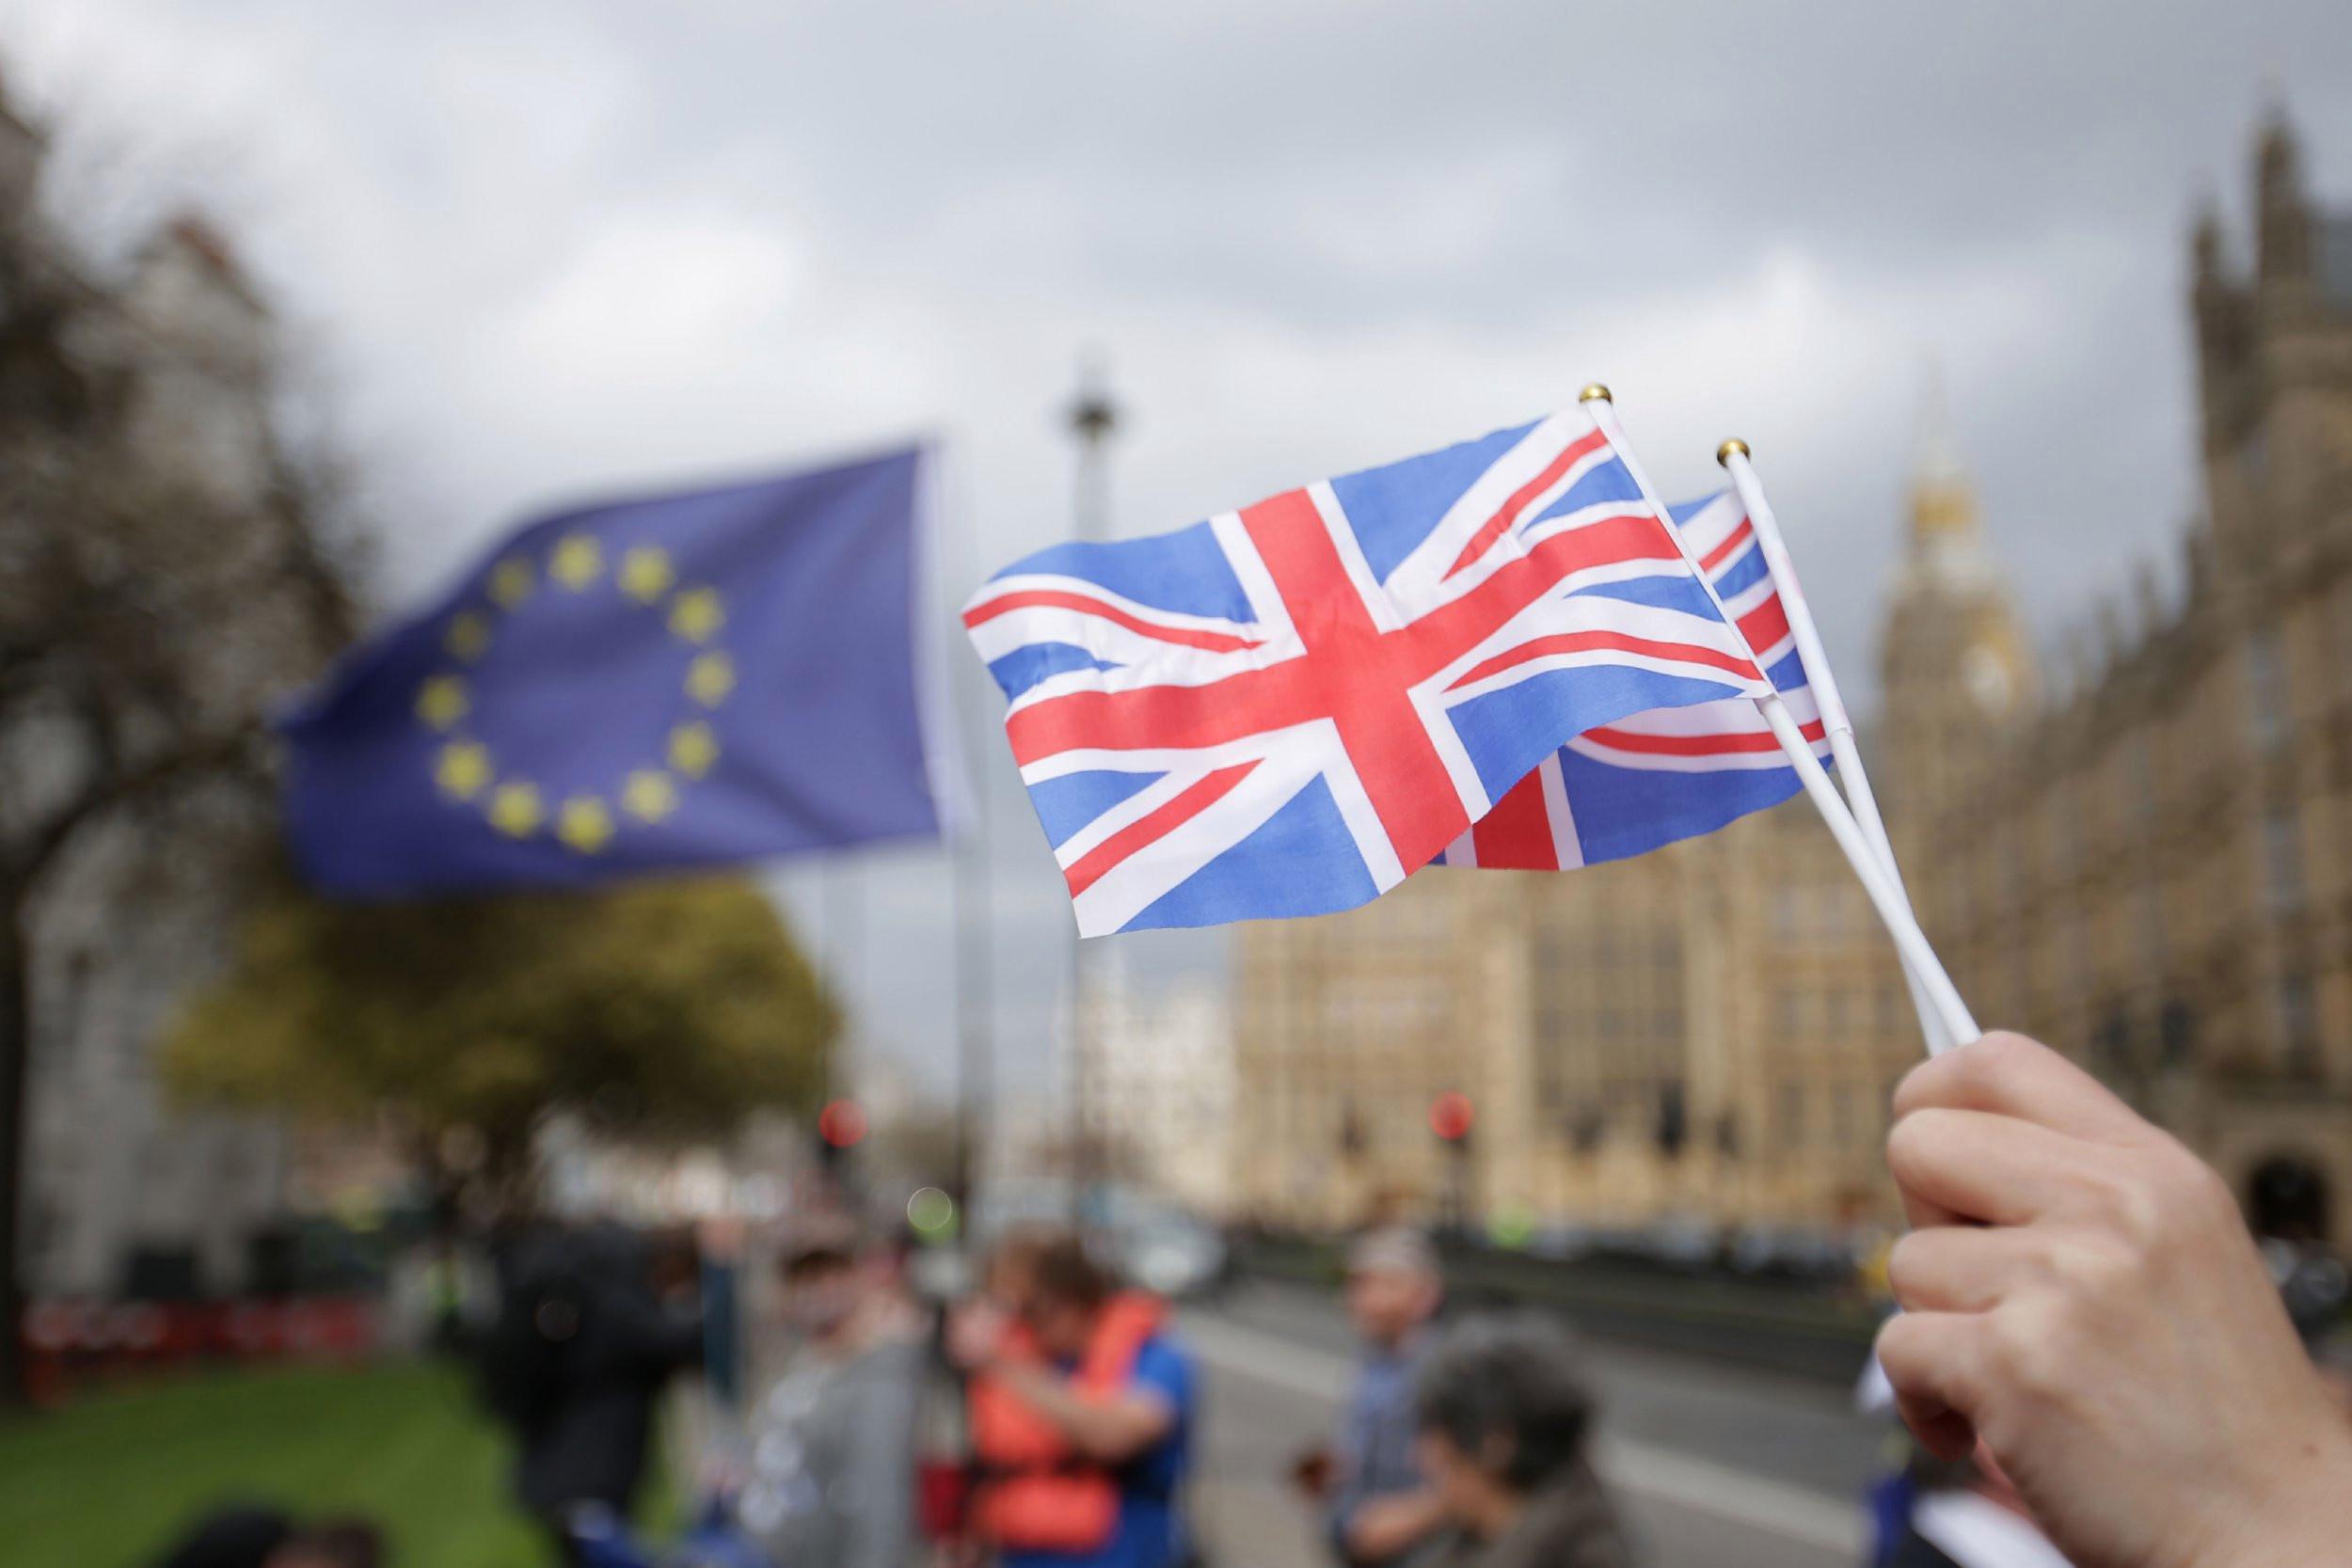 الاتحاد الأوروبي يهدد بريطانيا بحظر تصدير اللقاحات المضادة لفيروس كورونا المستجد